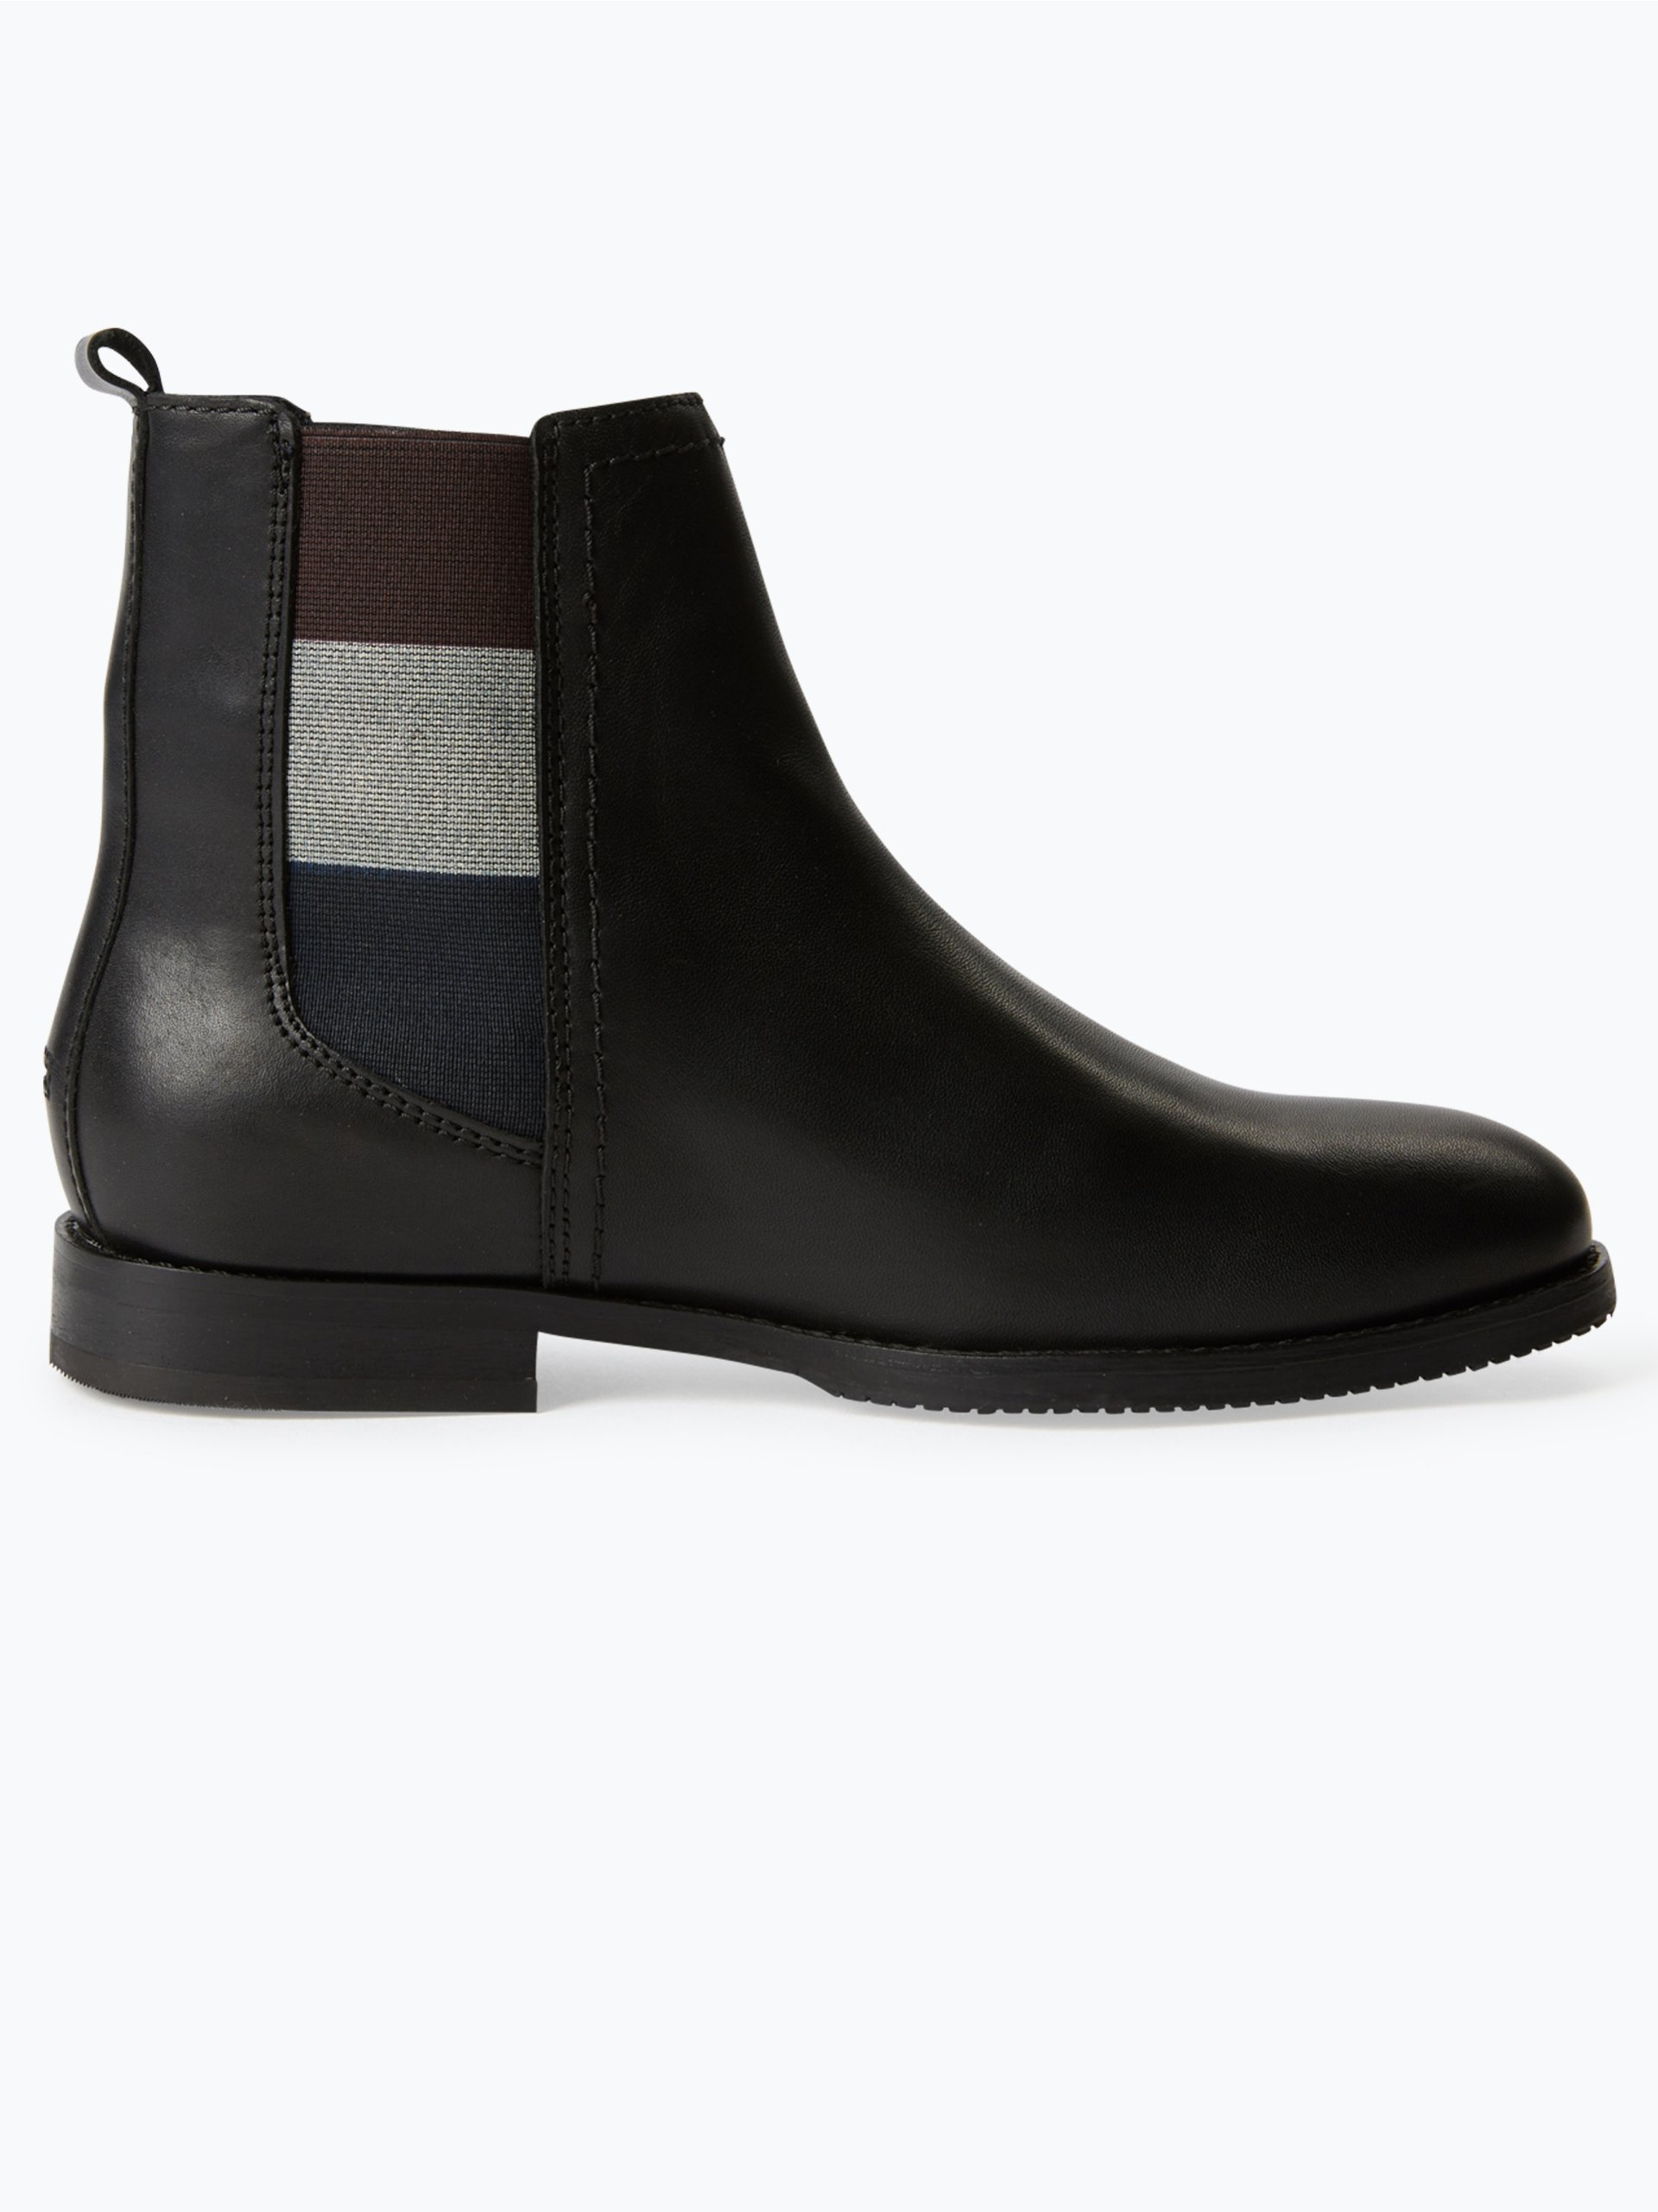 hilfiger denim damen chelsea boots aus leder schwarz uni online kaufen peek und cloppenburg de. Black Bedroom Furniture Sets. Home Design Ideas